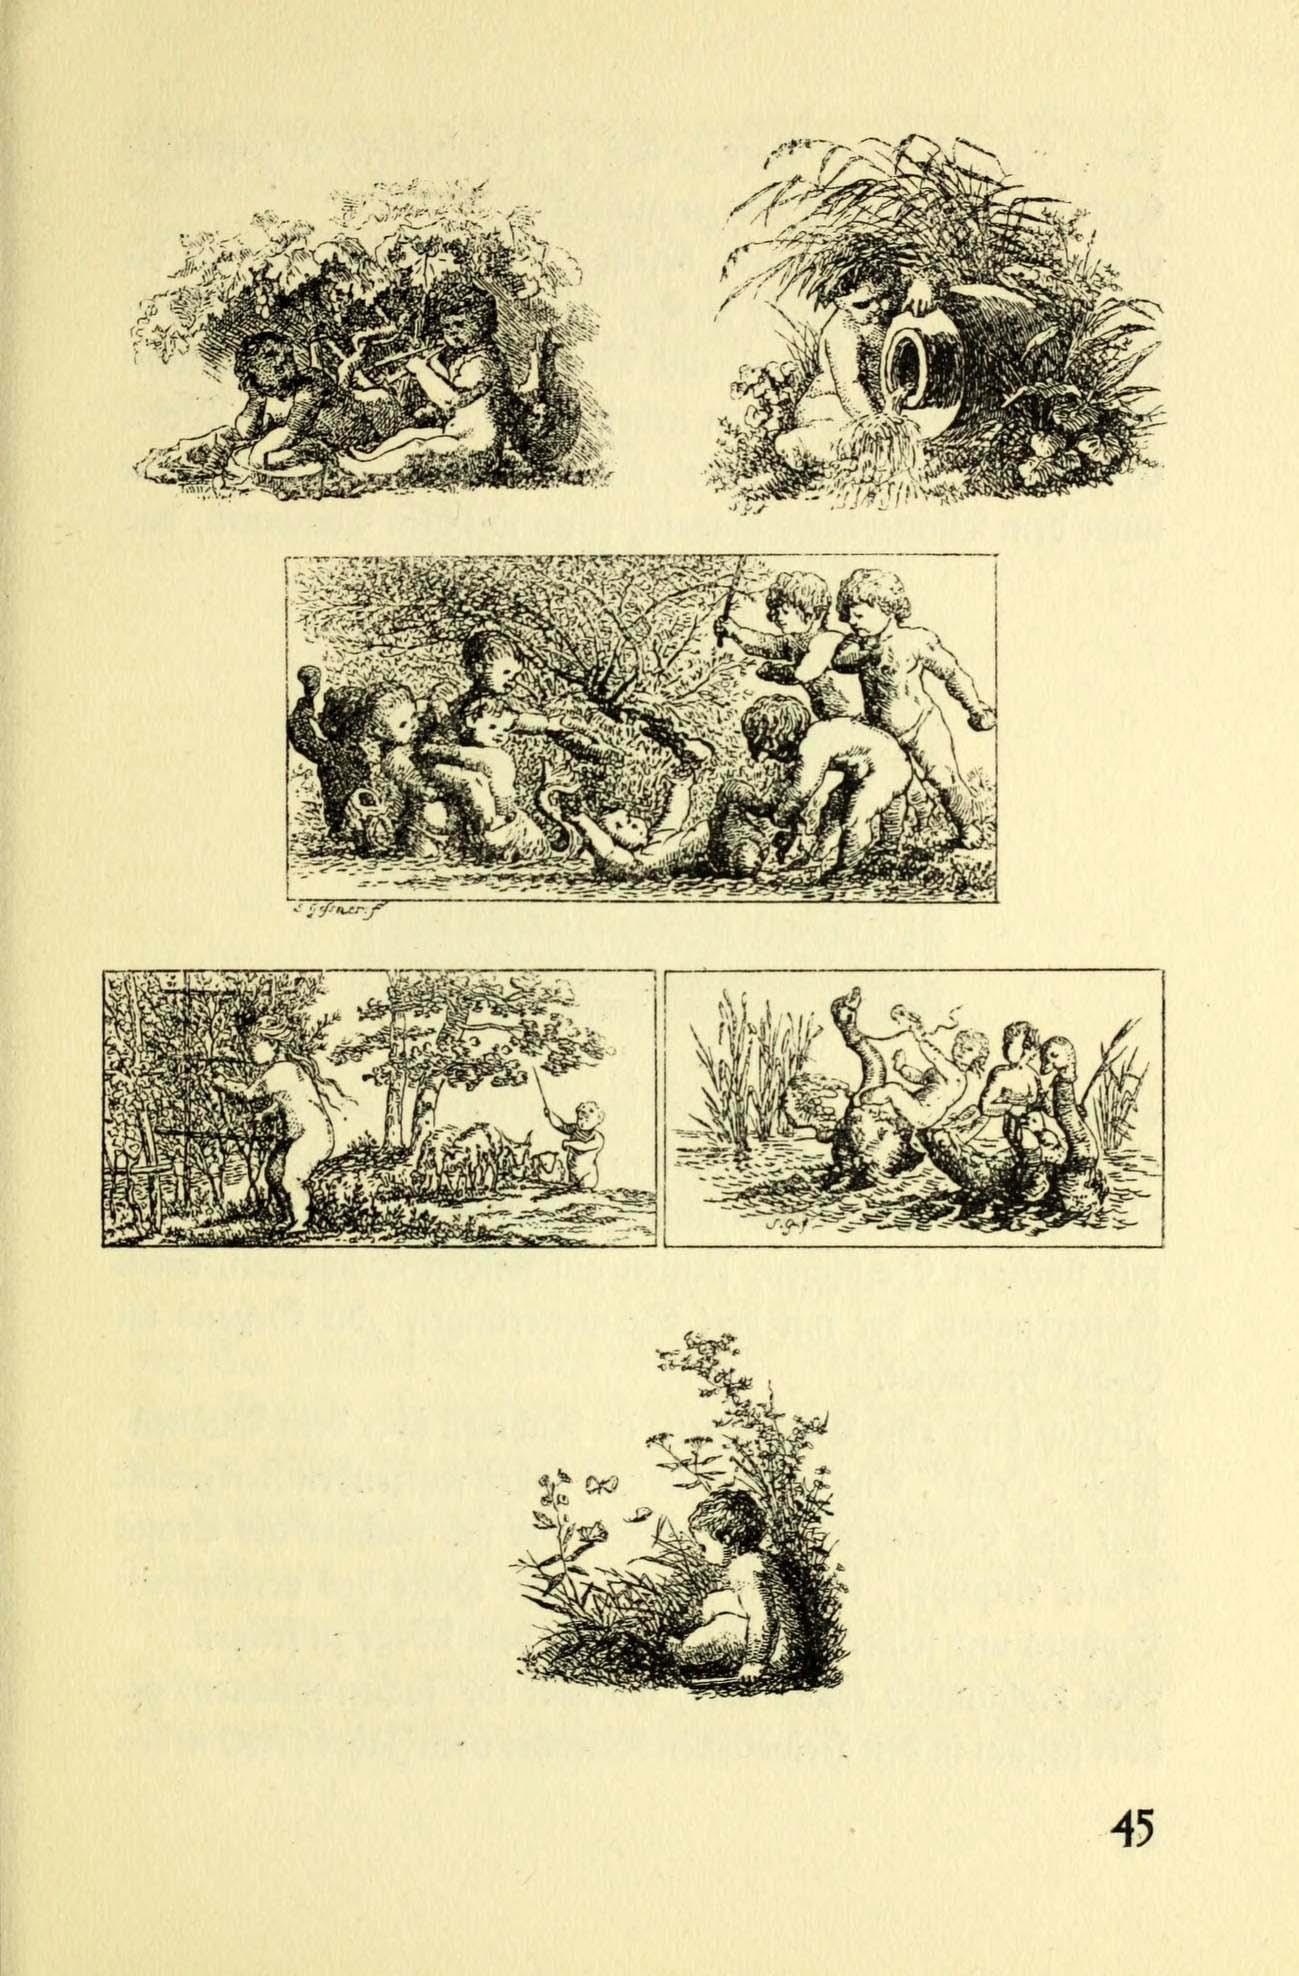 Daniel Chodowiecki in Hg. Olga Amberger, Zeitgenossen Chodowieckis. Lose Blätter schweizerischer Buchkunst, Rhein-Verlag, Basel 1921, Seite 45